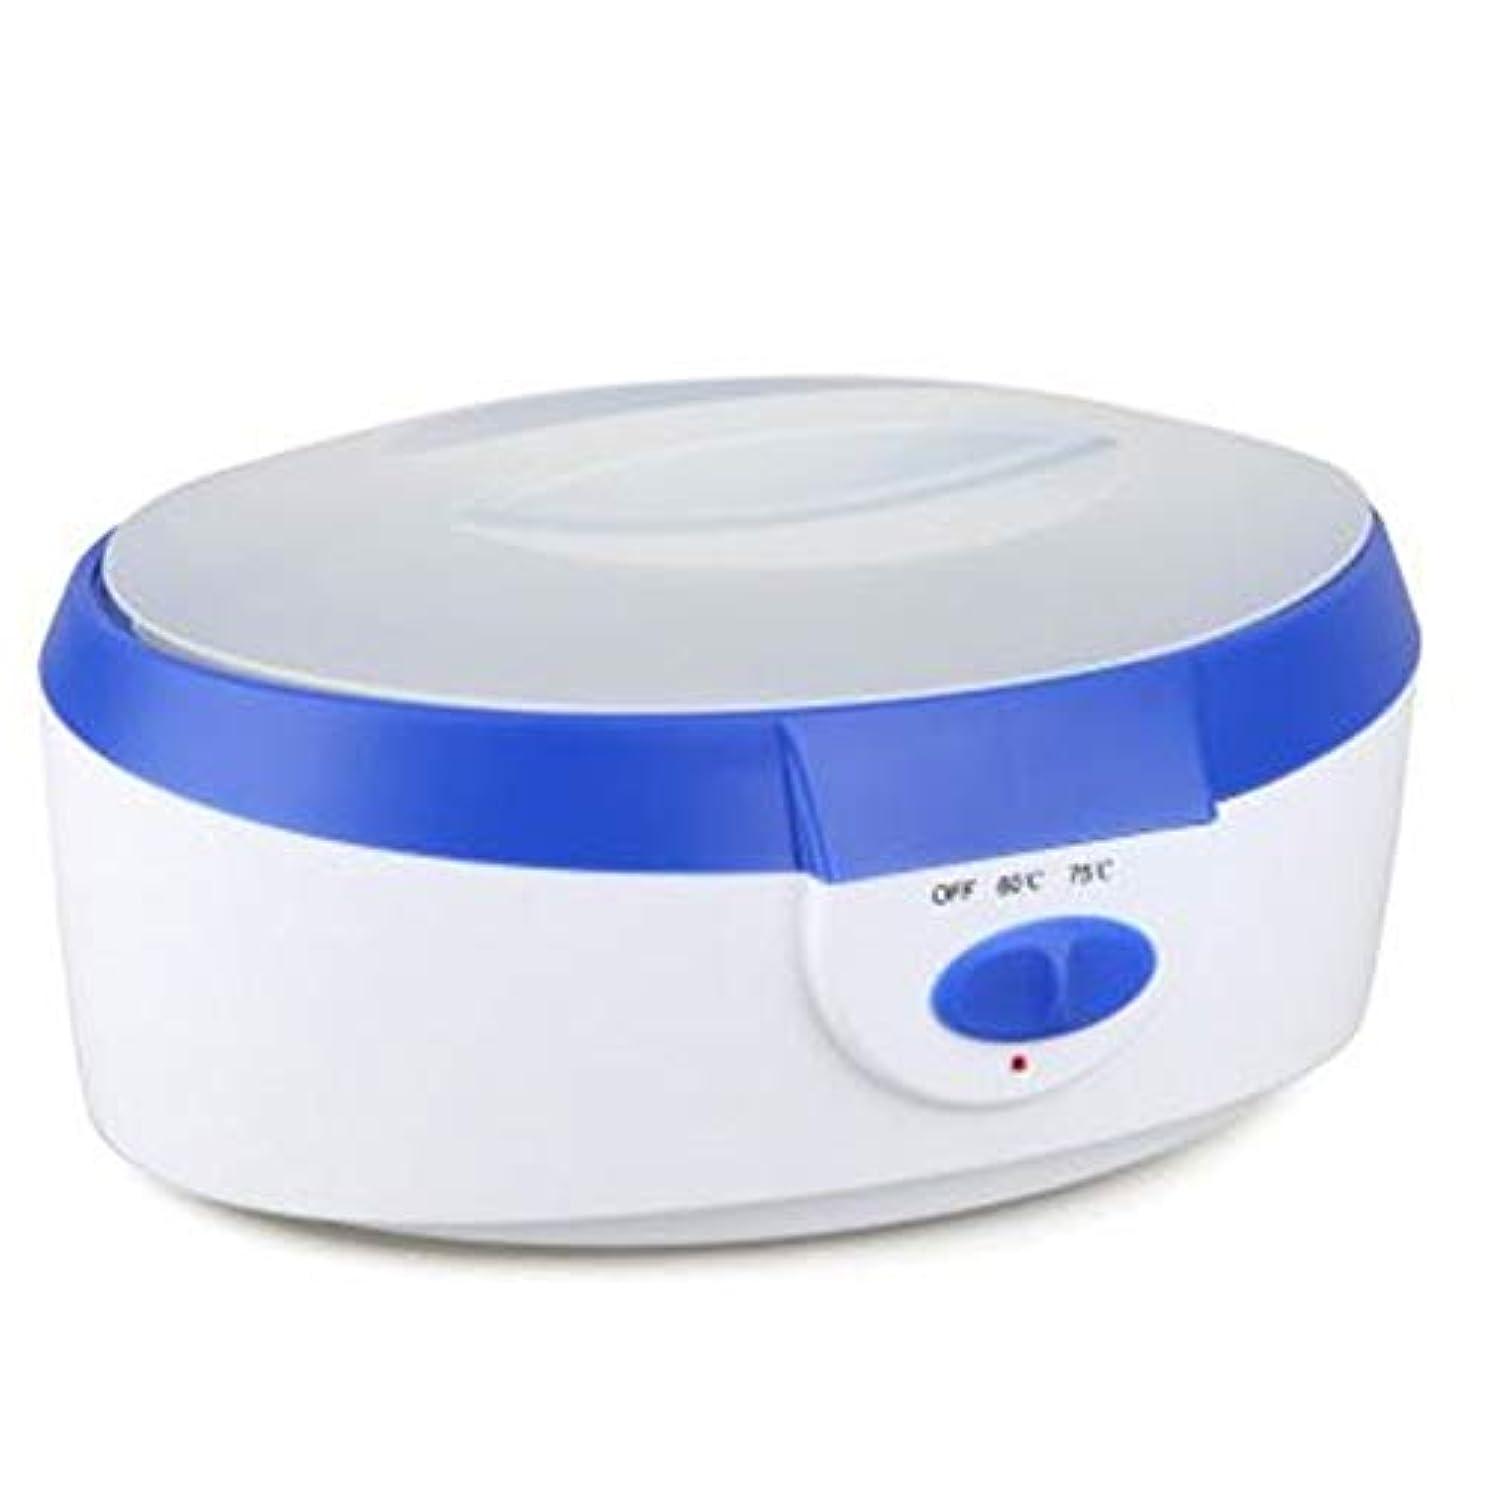 毎週ヘッジクレーン2.5Lパラフィンワックスのヒーターの皮の処置機械高容量の毛の取り外しのパラフィン暖房の鍋のワックスのウォーマーセット,ブルー